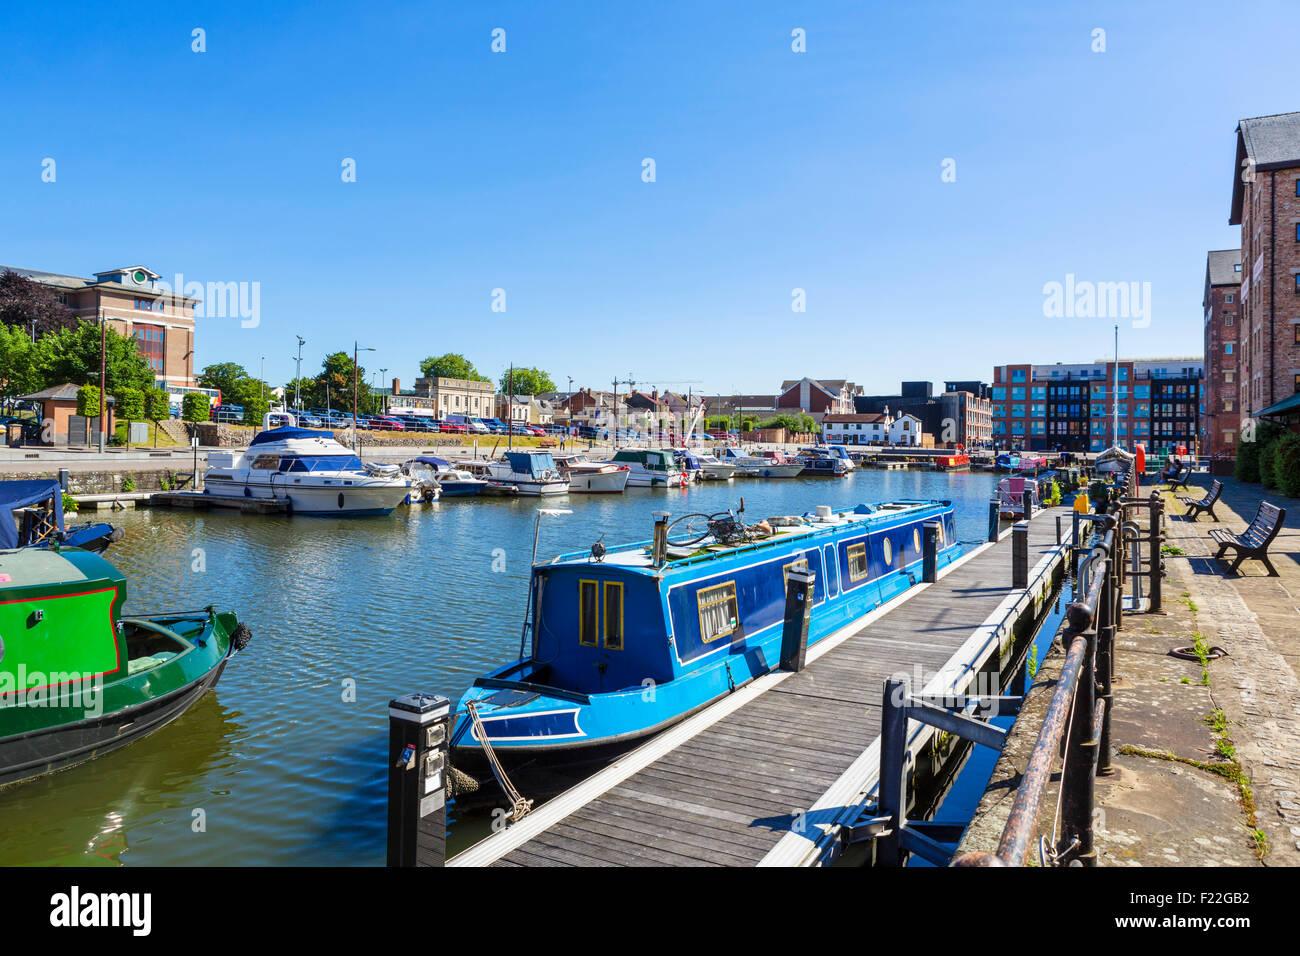 The docks, Gloucester, Gloucestershire, England, UK - Stock Image